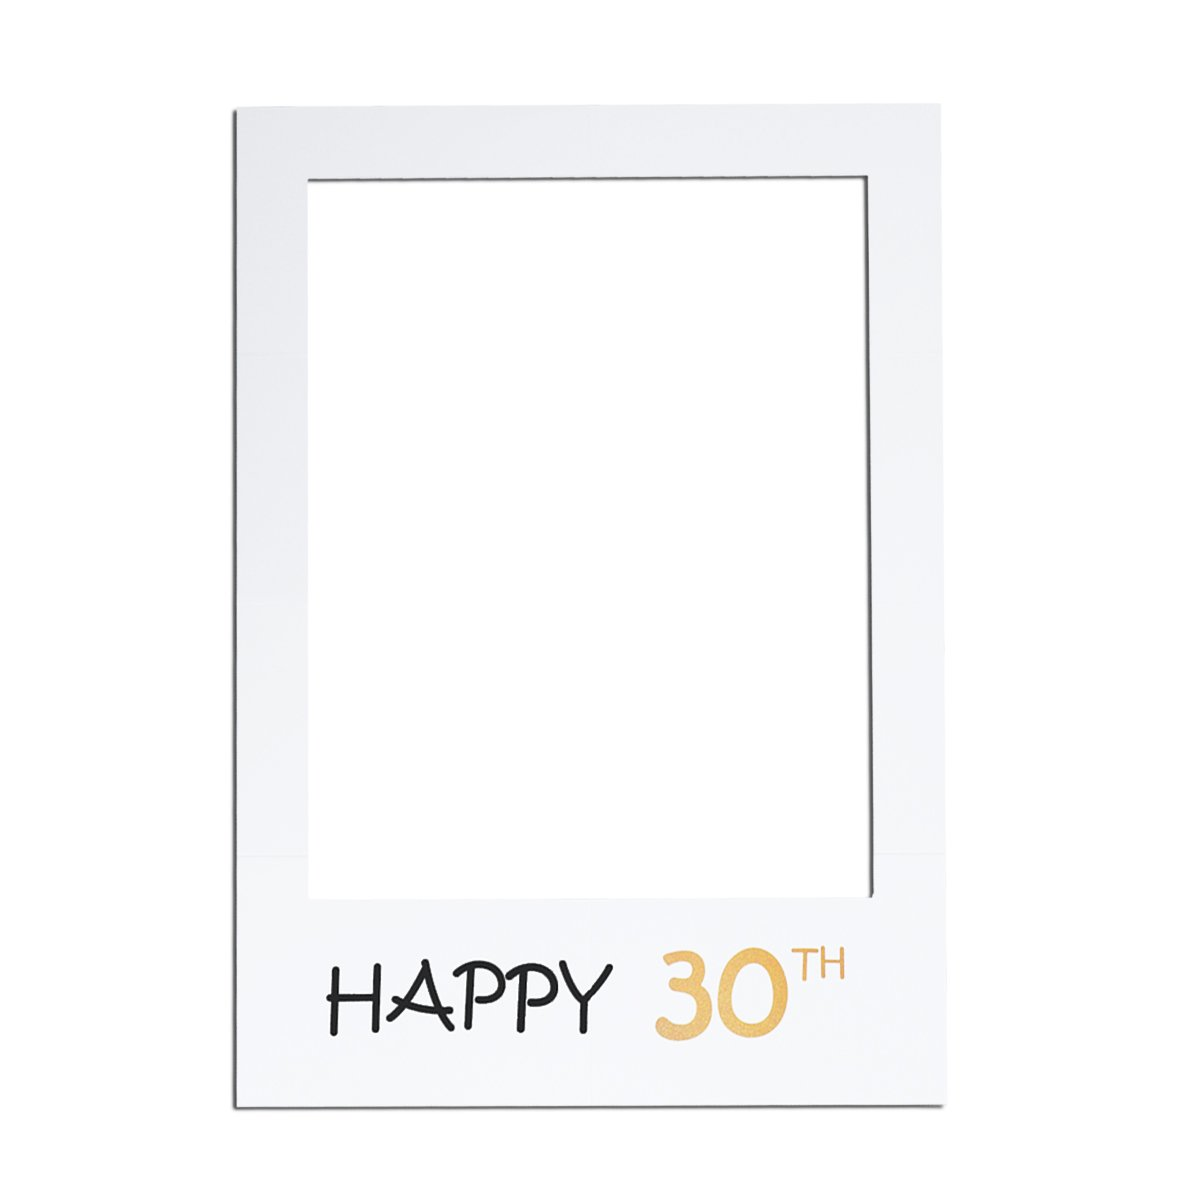 LUOEM 30e Bricolage Cadre Photo Cadre Découpes Photobooth Accessoires pour La Fête d'Anniversaire